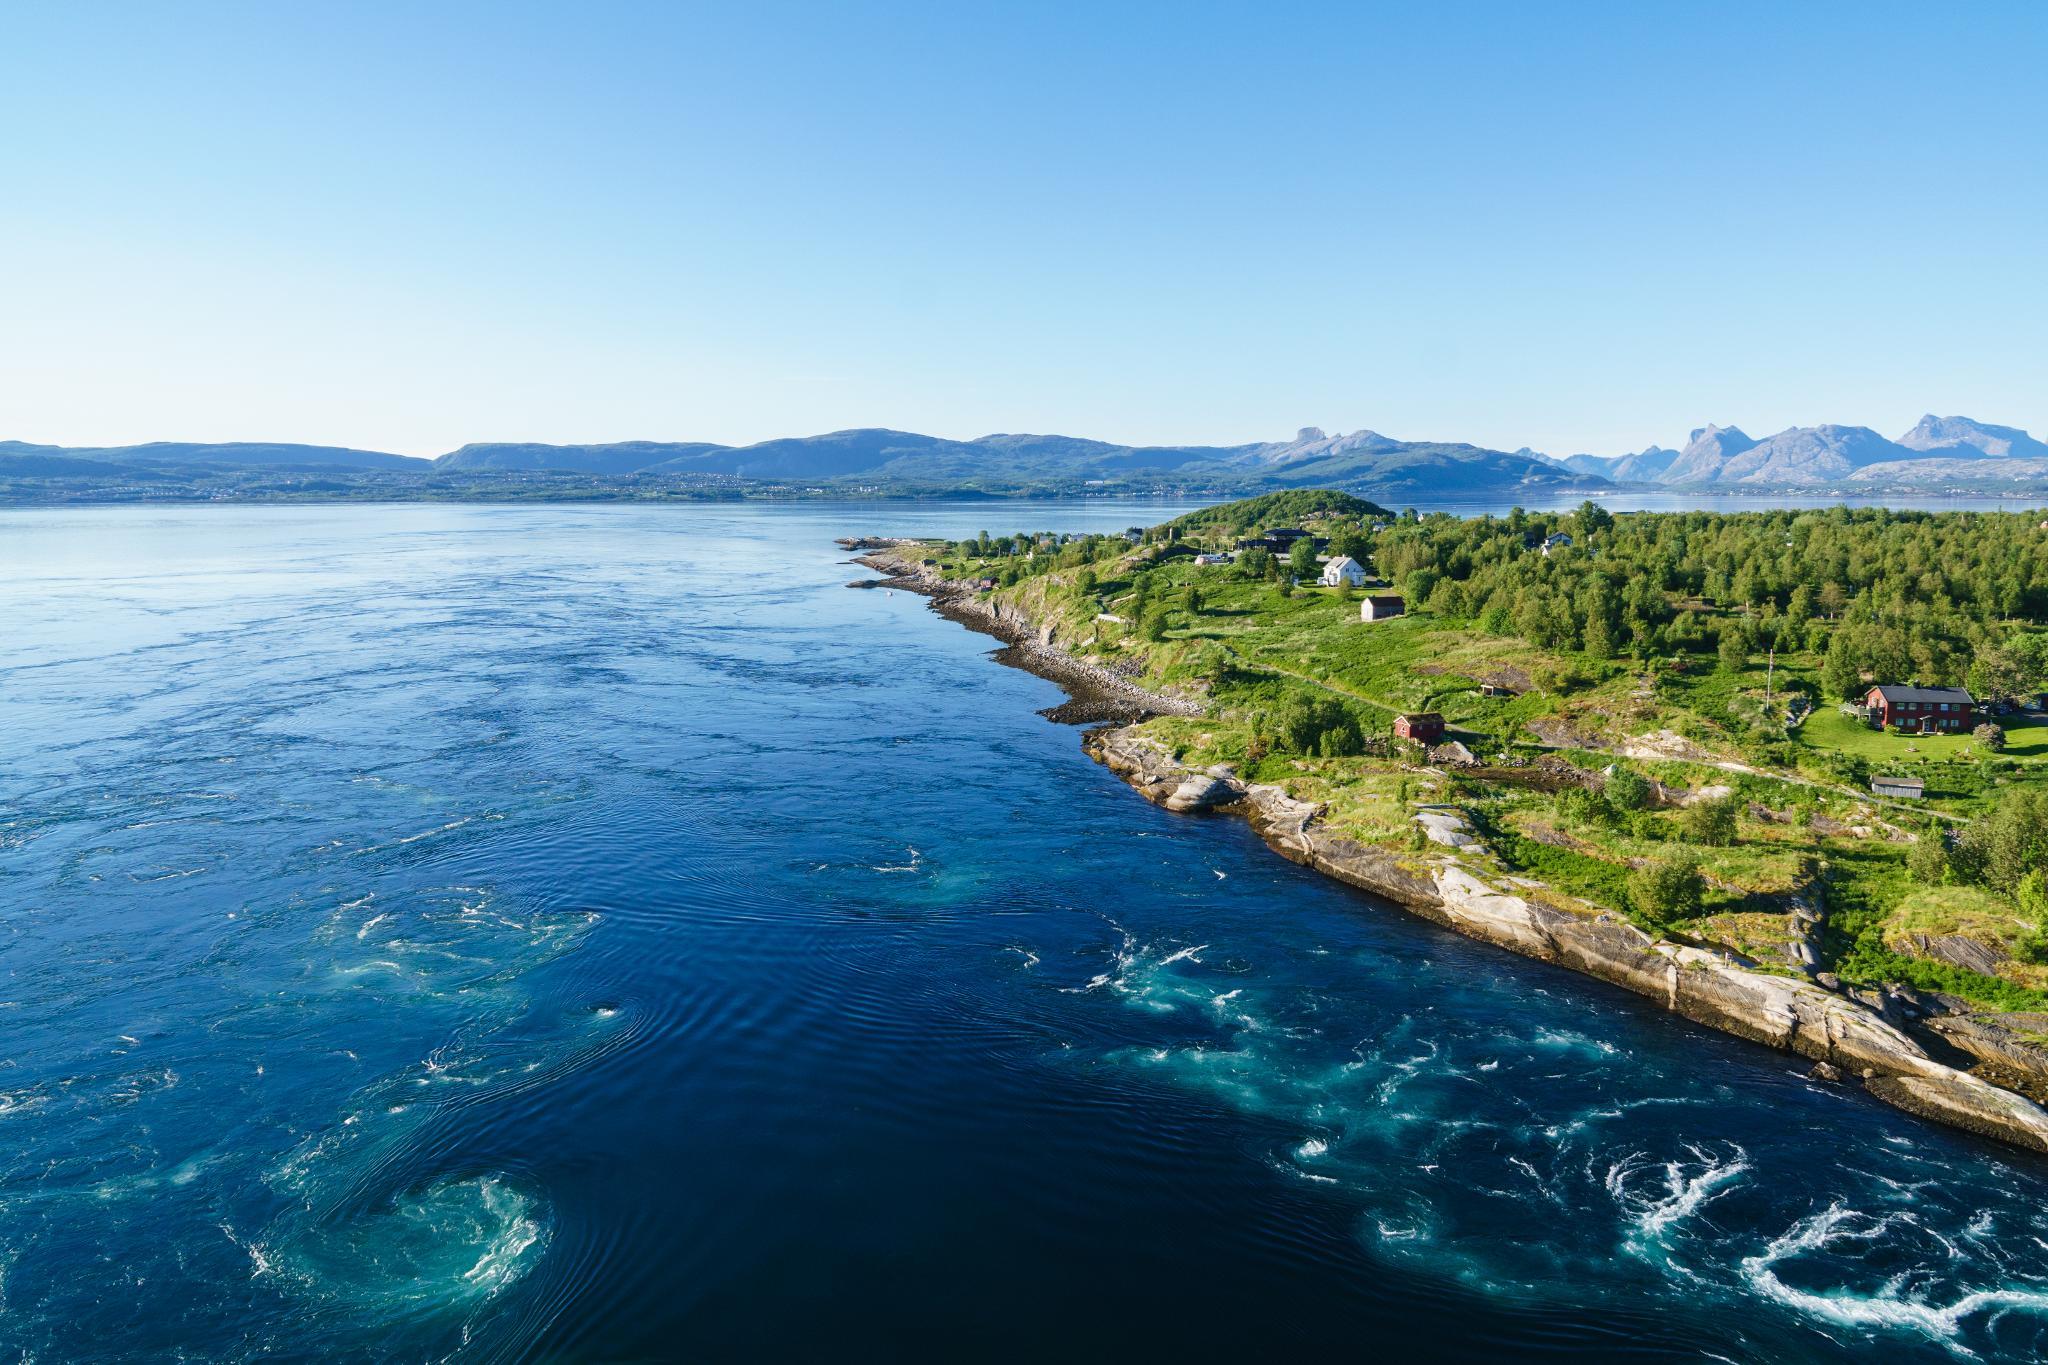 【北歐景點】來挪威看世界最強的潮汐流 - Saltstraumen 漩渦 12